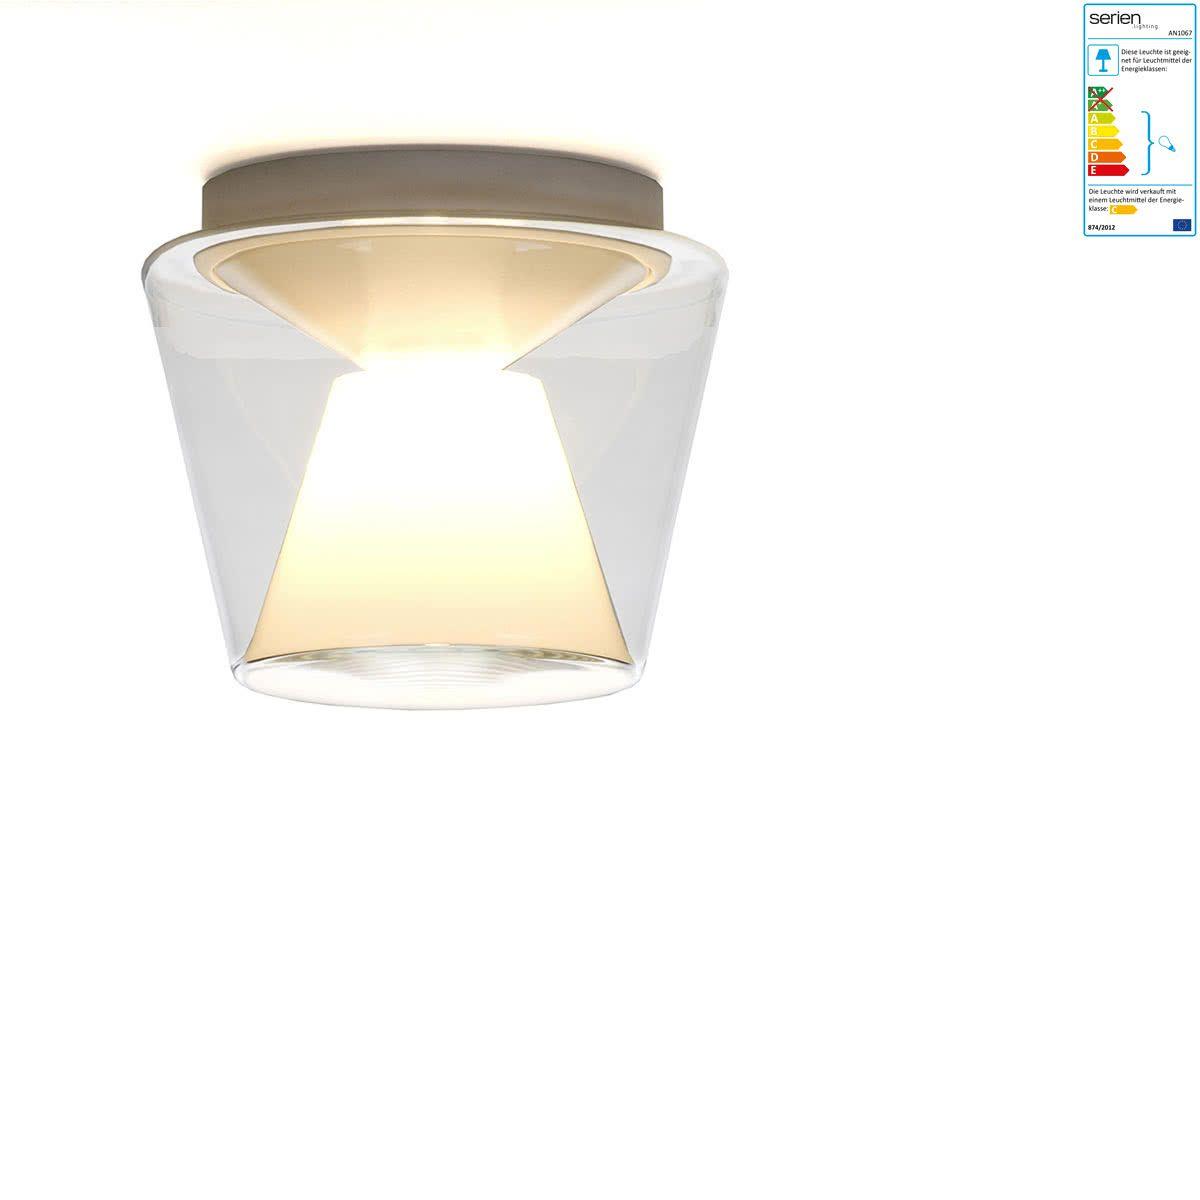 Besondere Deckenlen serien lighting annex deckenleuchte klein glasschirm klar